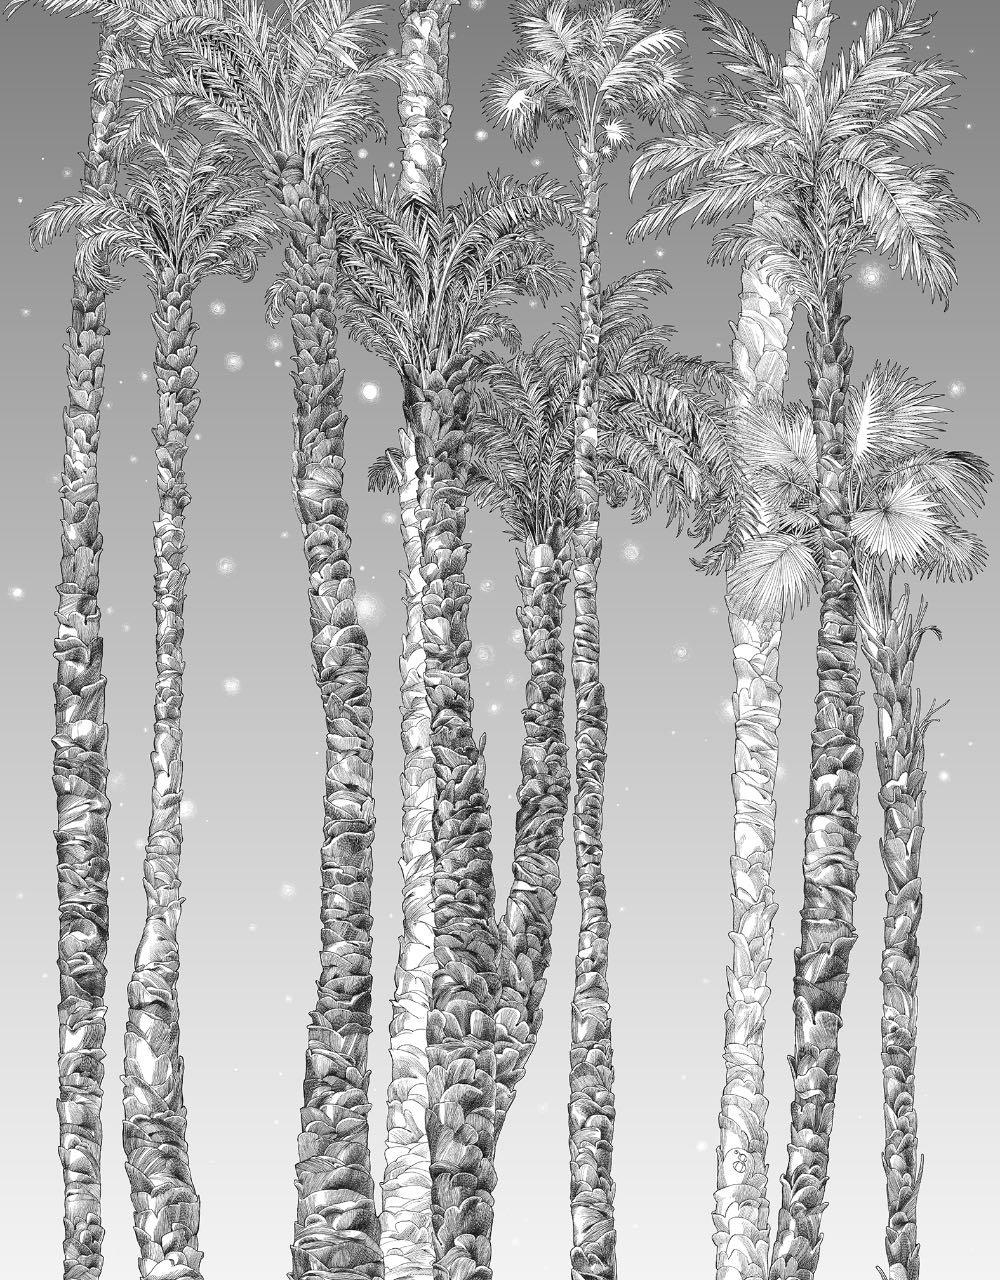 フランス壁紙 1ロール(3m) フリース(不織布) - 防炎加工 by キャサリン・グラン 《ヌイ・エトワール - 左》 ブラック & ホワイト by Edmond Petit (エドモンプティ)